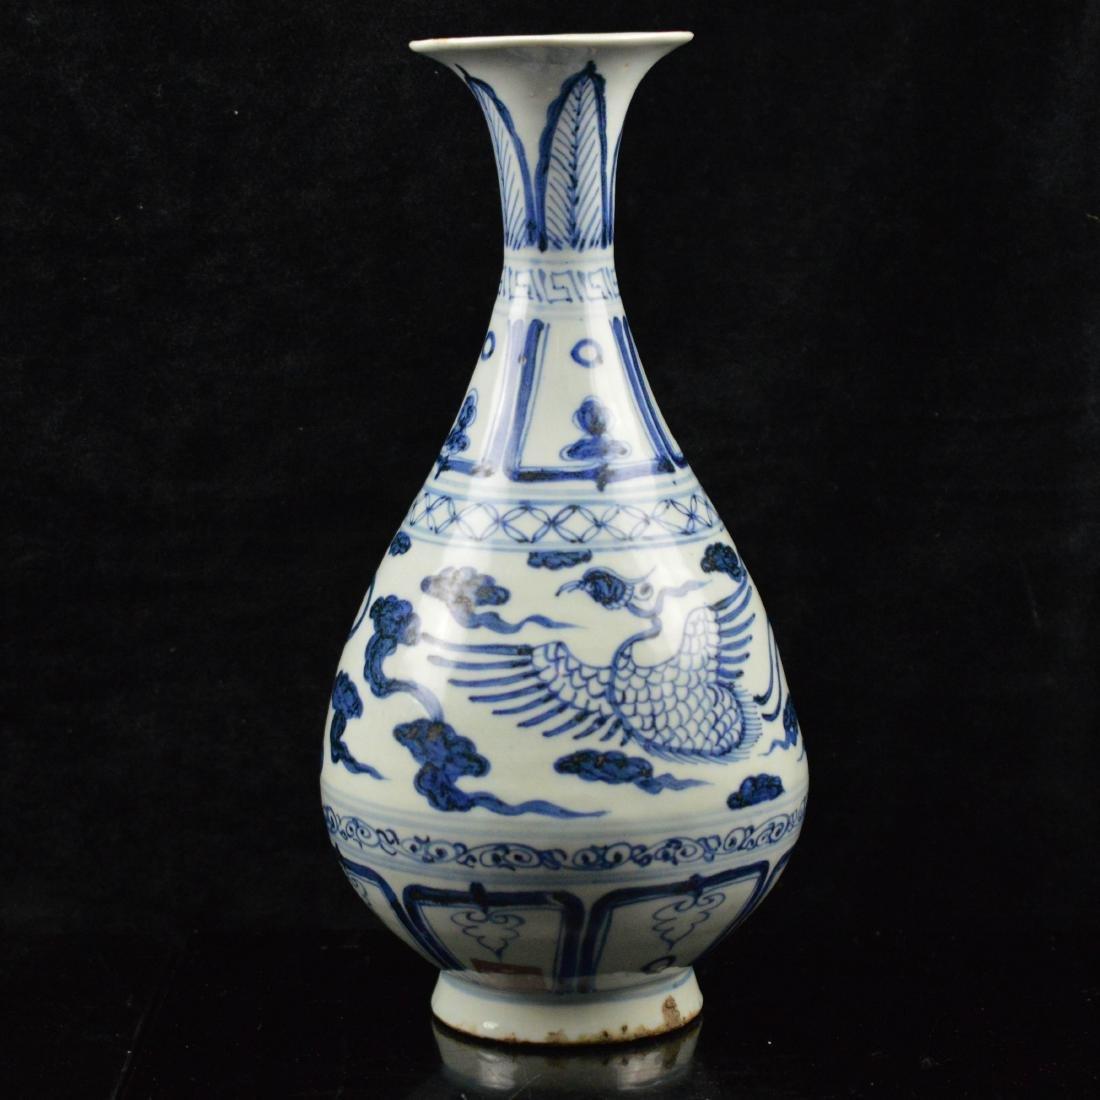 Restored Blue and white porcelain vase